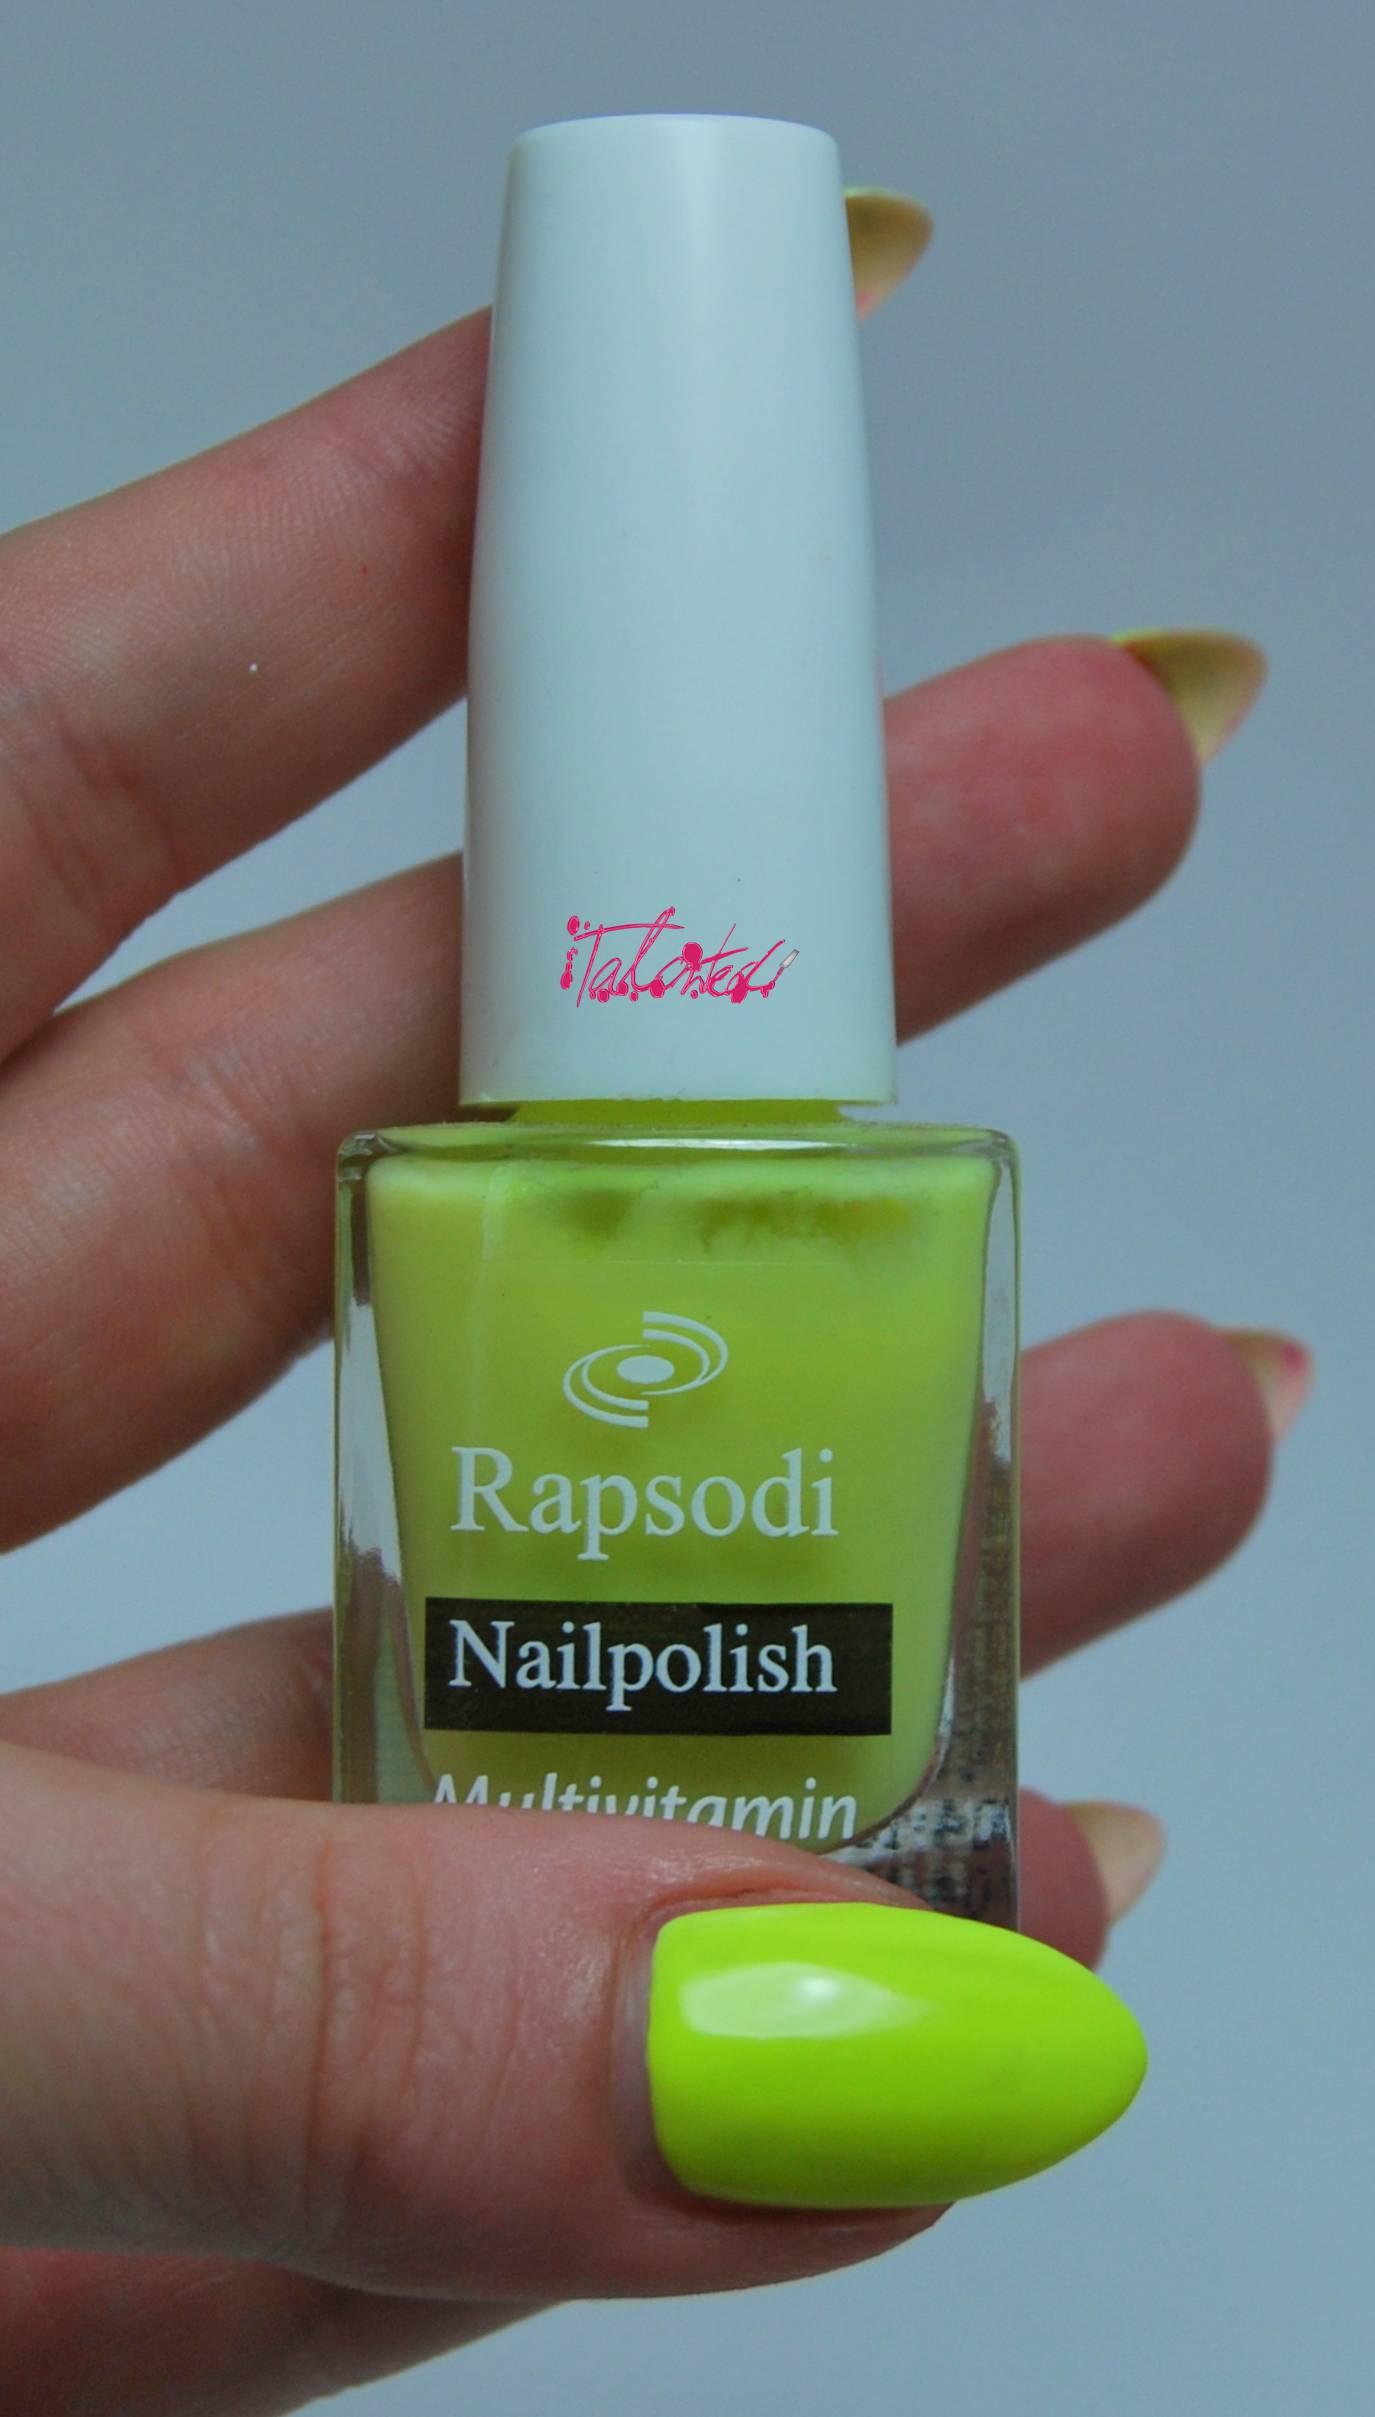 Rapsodi 353 nail varnish